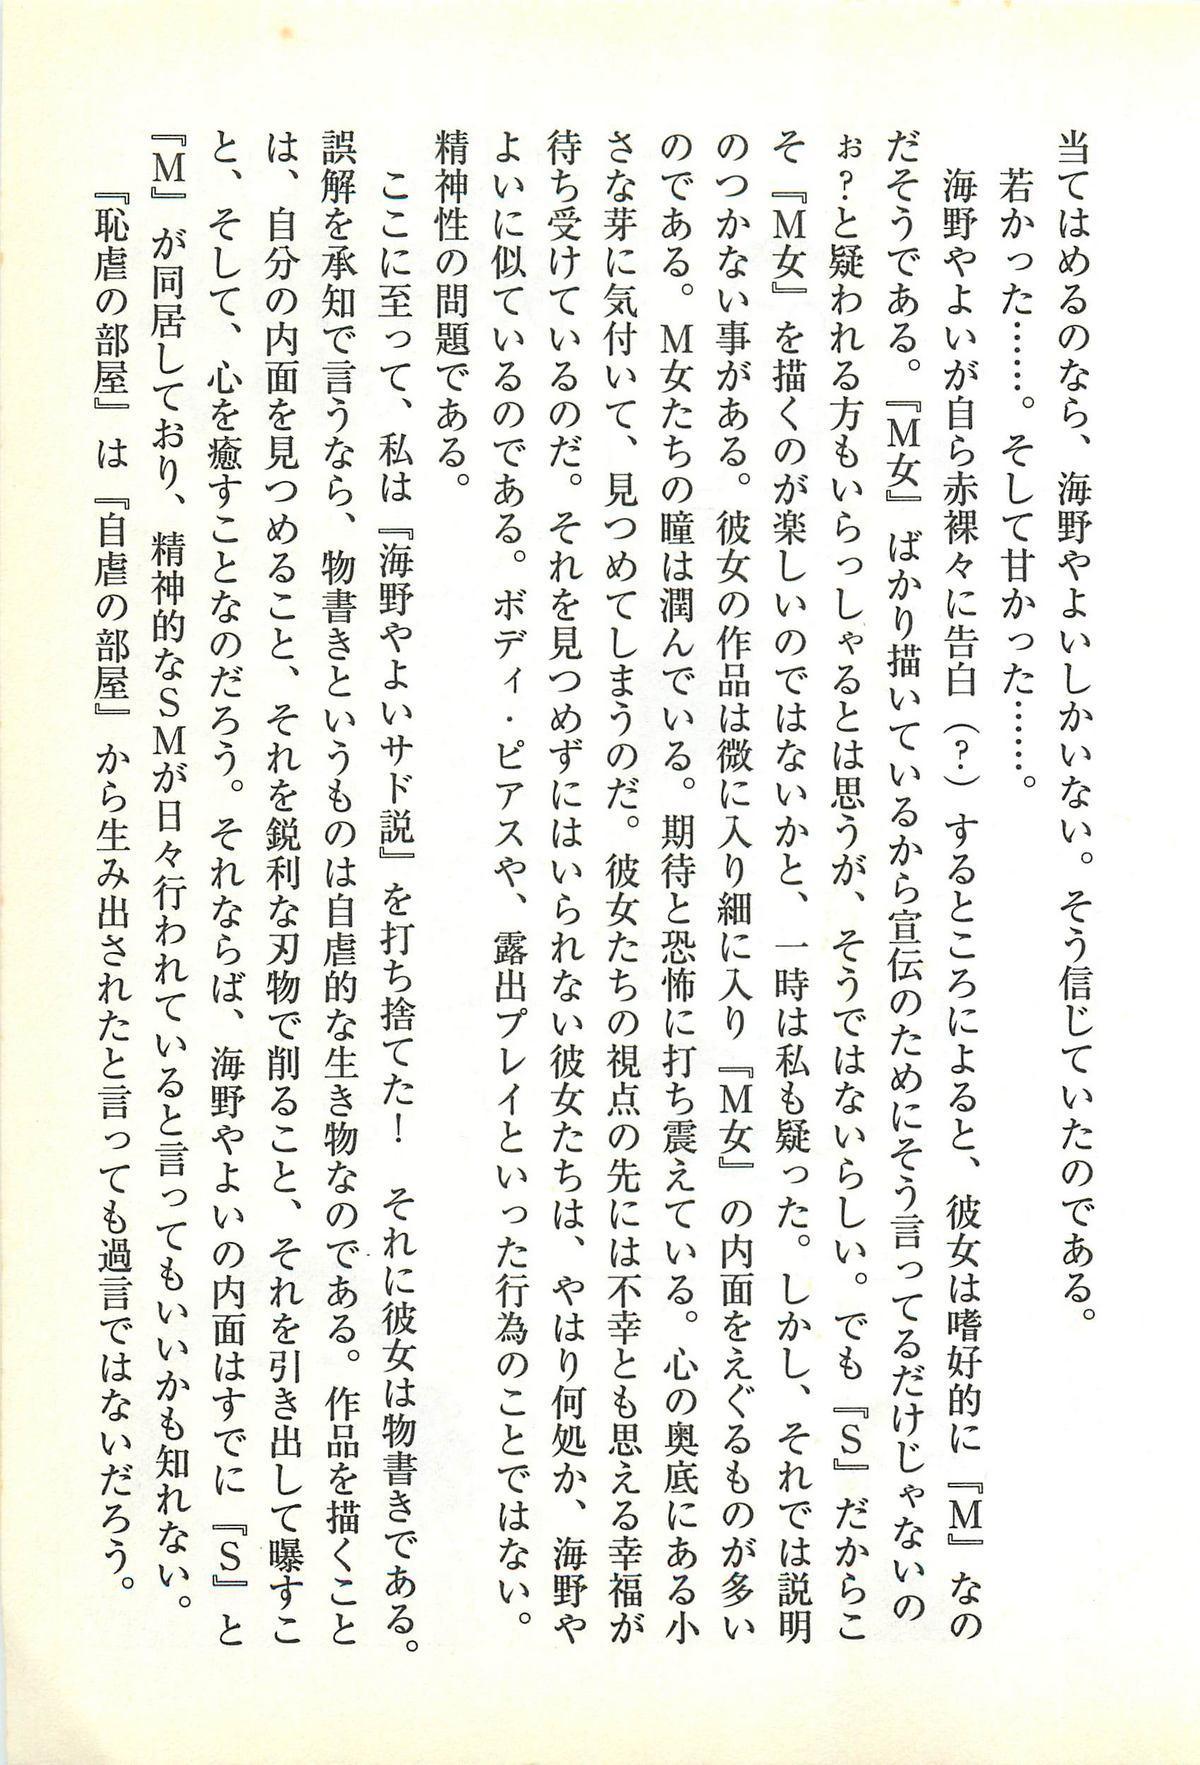 Chigyaku no Heya - A Shameful Punishment Room 167